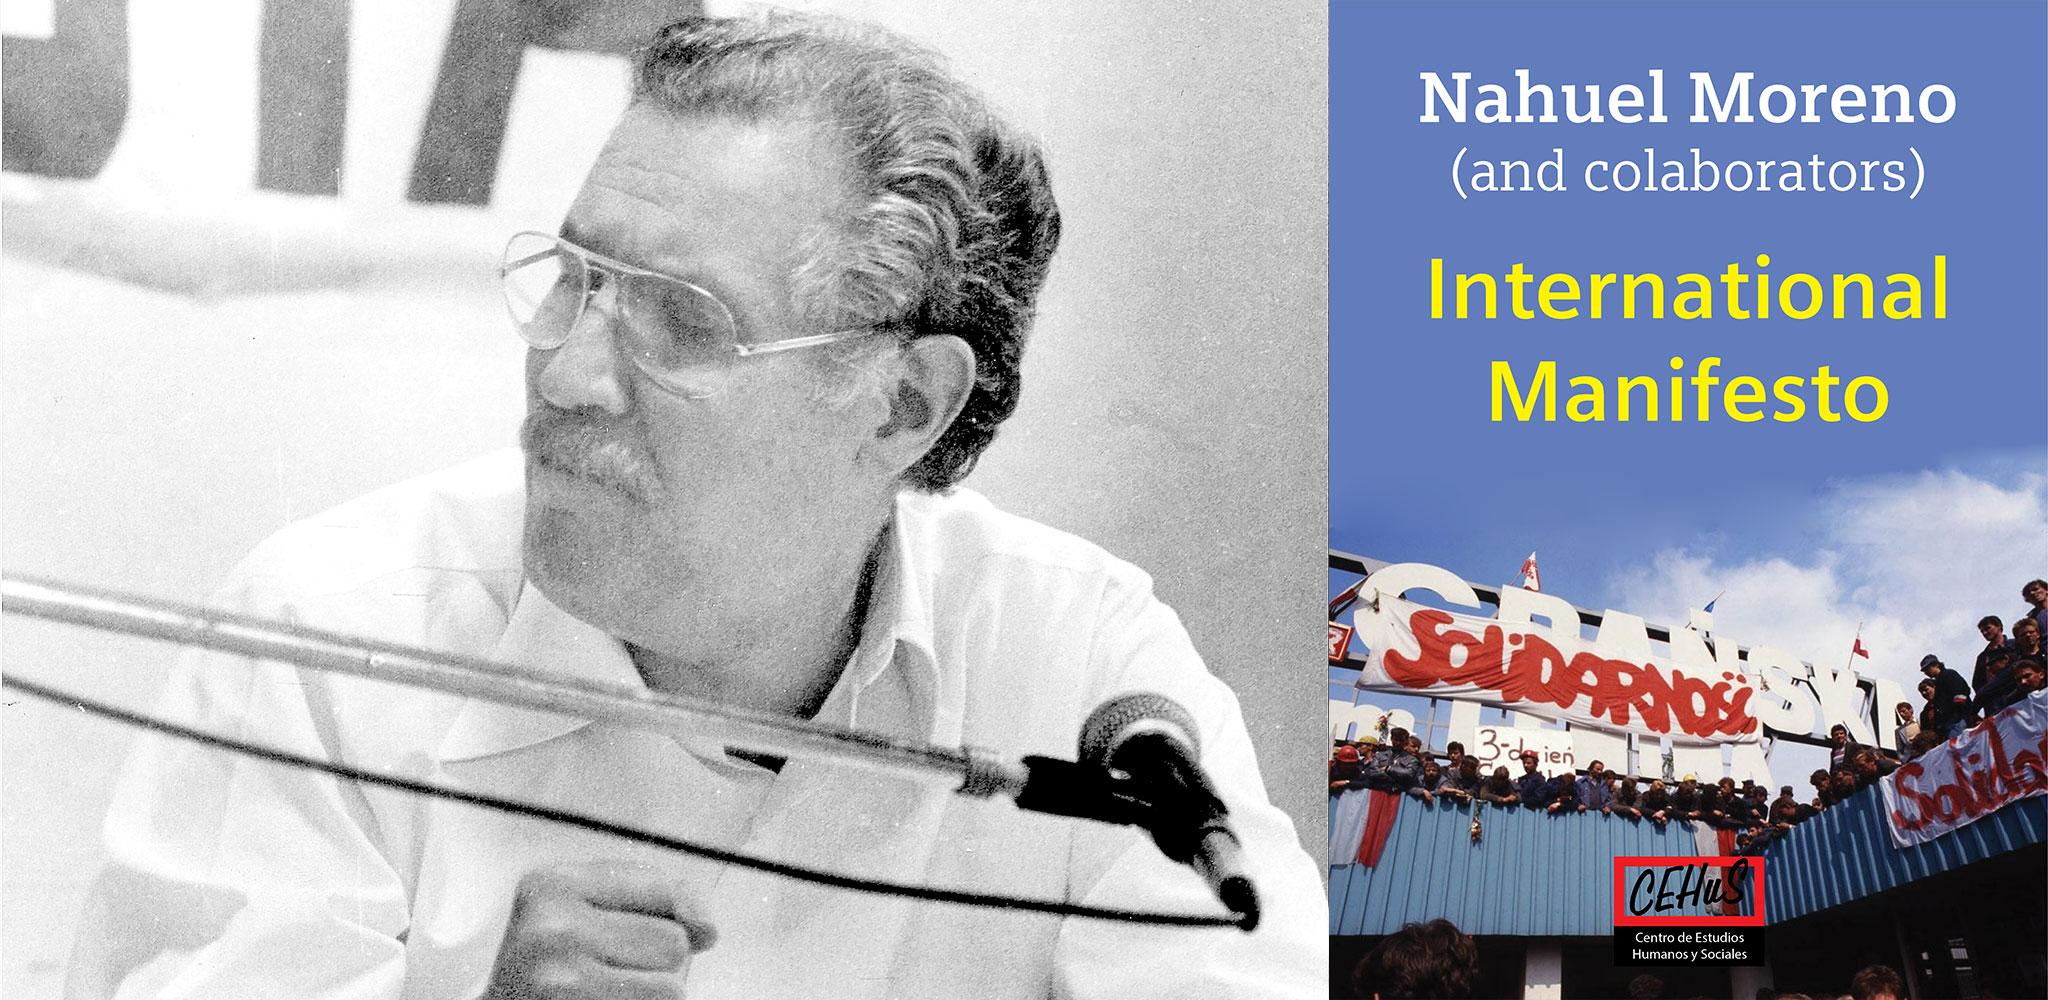 INTERNATIONAL MANIFESTO (1985)